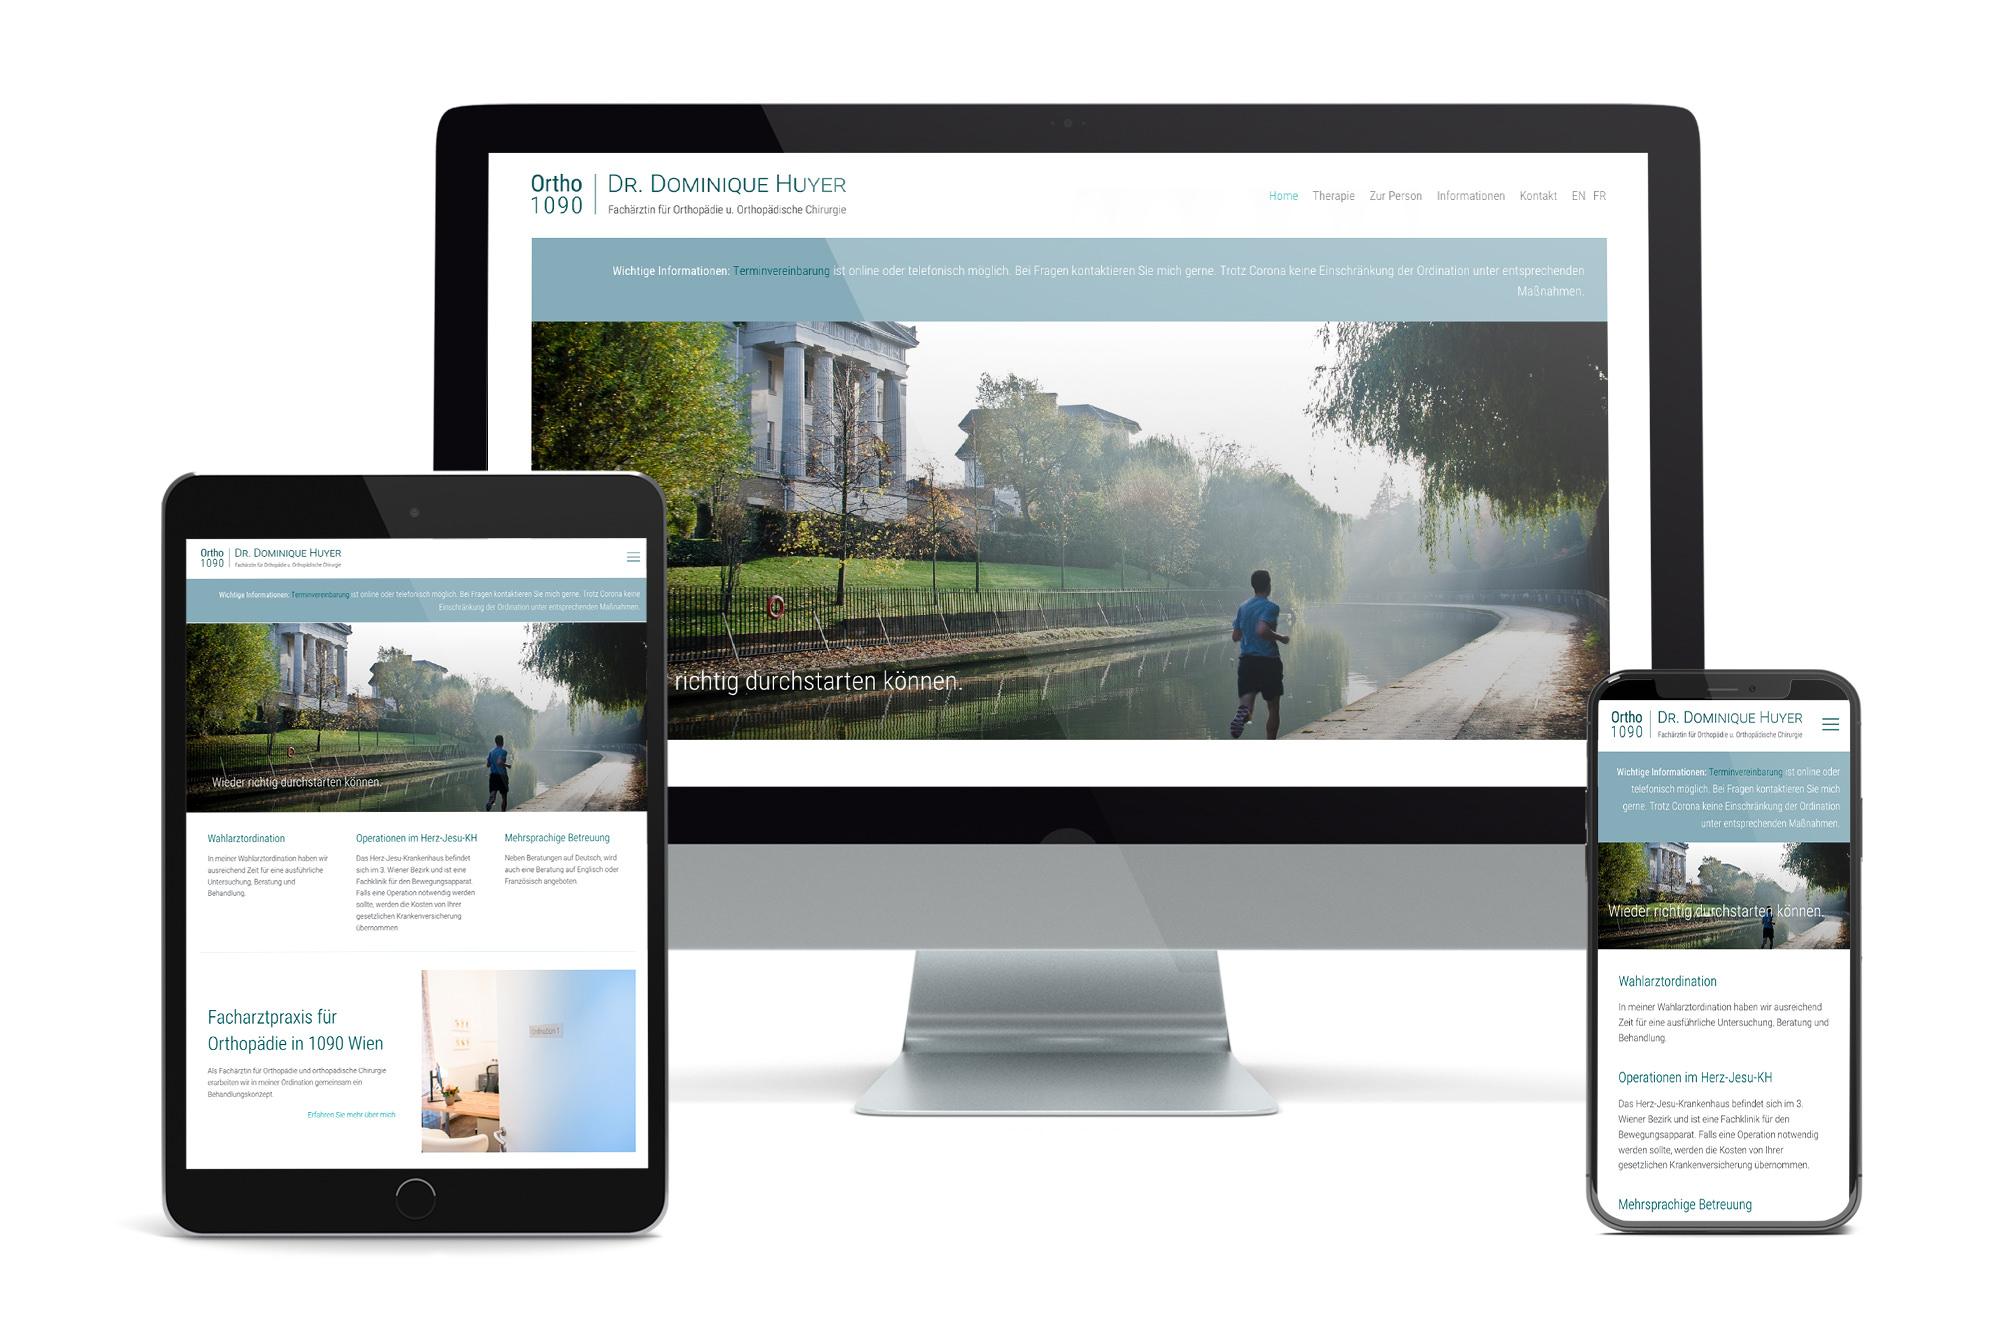 Webdesign Beispiel: Neue Website für Facharzt für Orthopädie